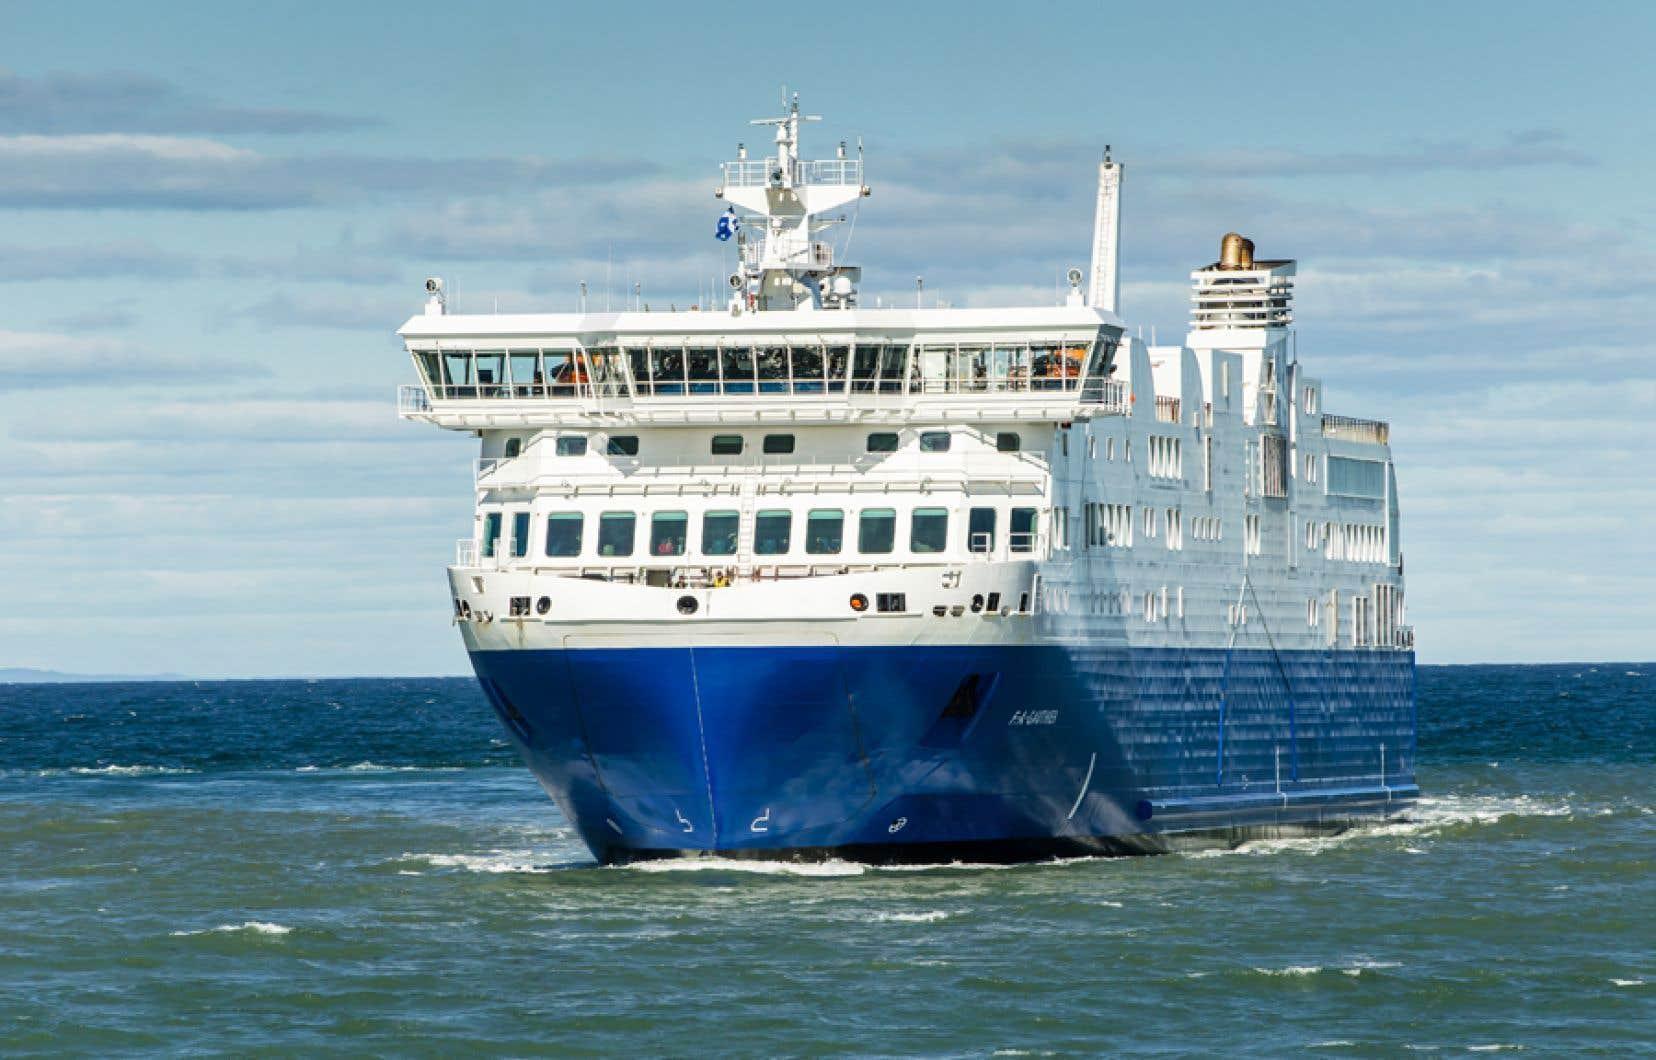 La Matane–Baie-Comeau–Godboutdevait normalement être desservie par le<em>NM F.A.-Gauthier</em>, traversier qui cumule les problèmes et les bris depuis son acquisition par la STQ.